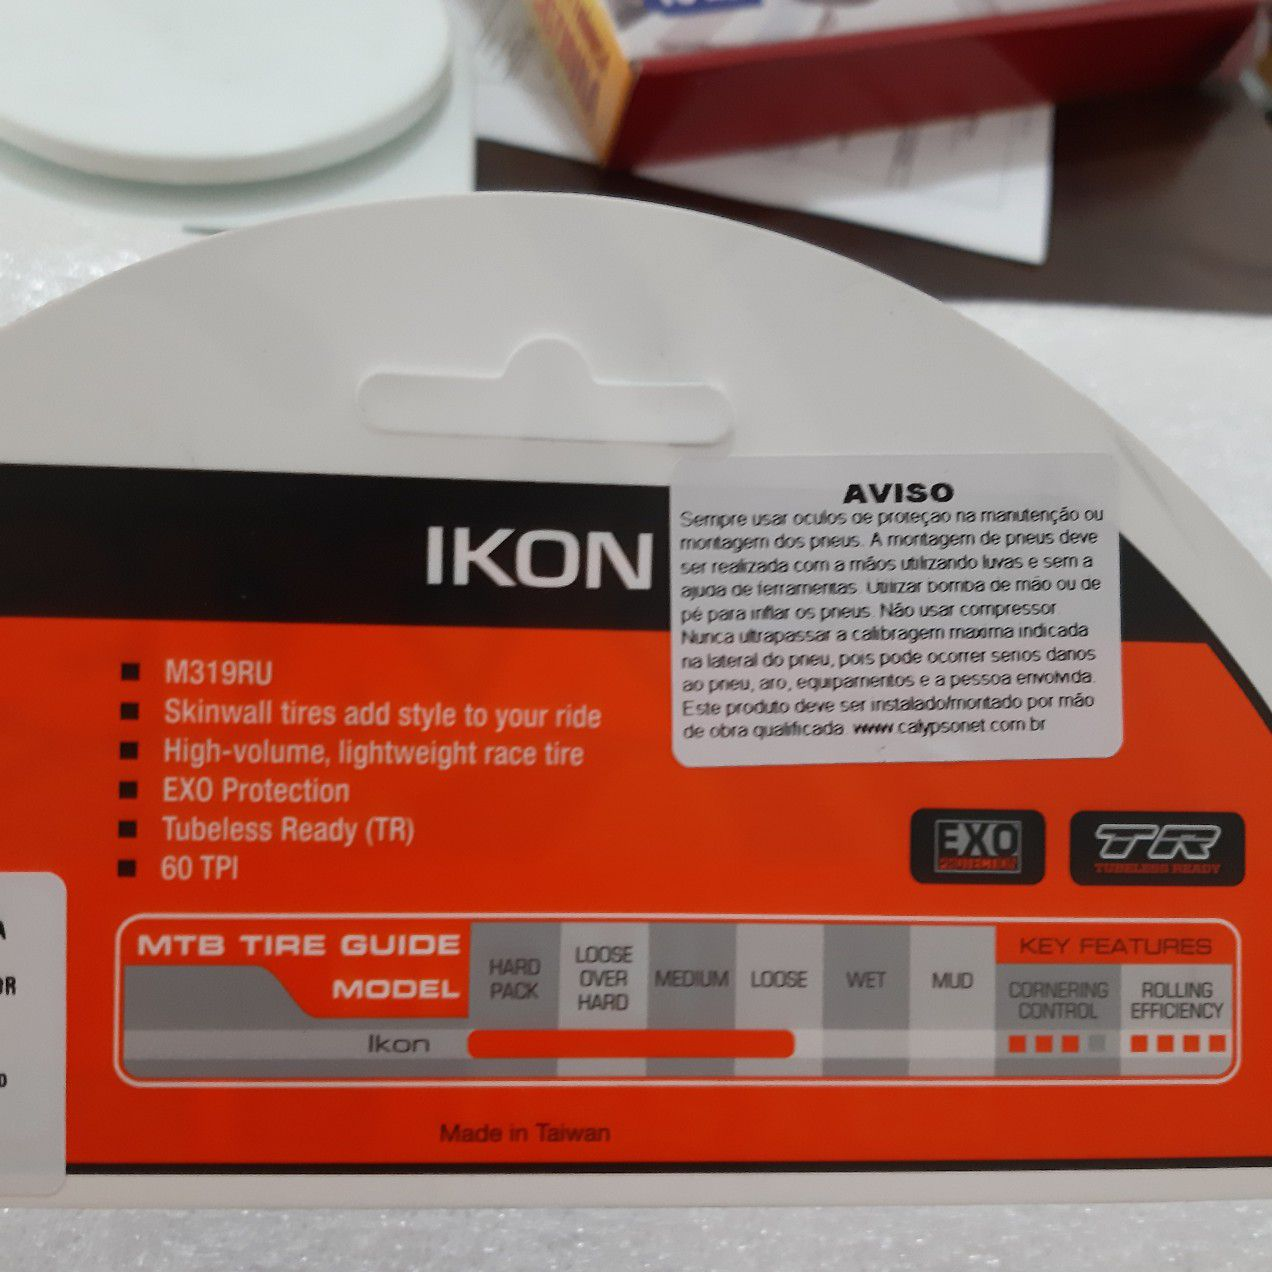 Pneu Maxxis 29 x 2.20 Ikon M319RU Skinwall com faixa bege